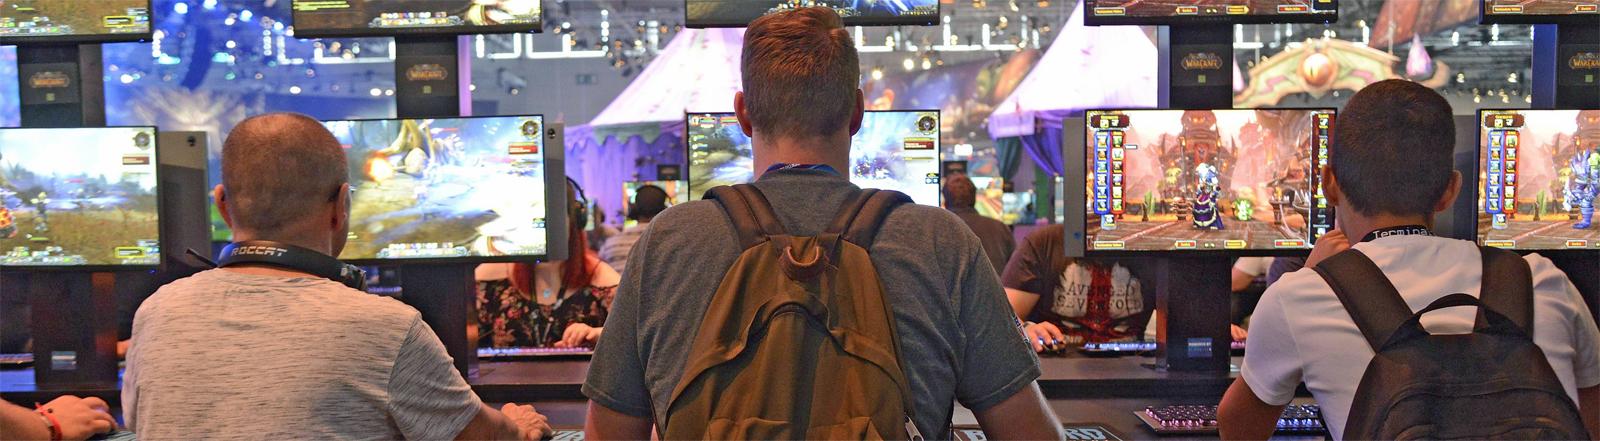 Gamer auf der Gamescom 2018 in Köln